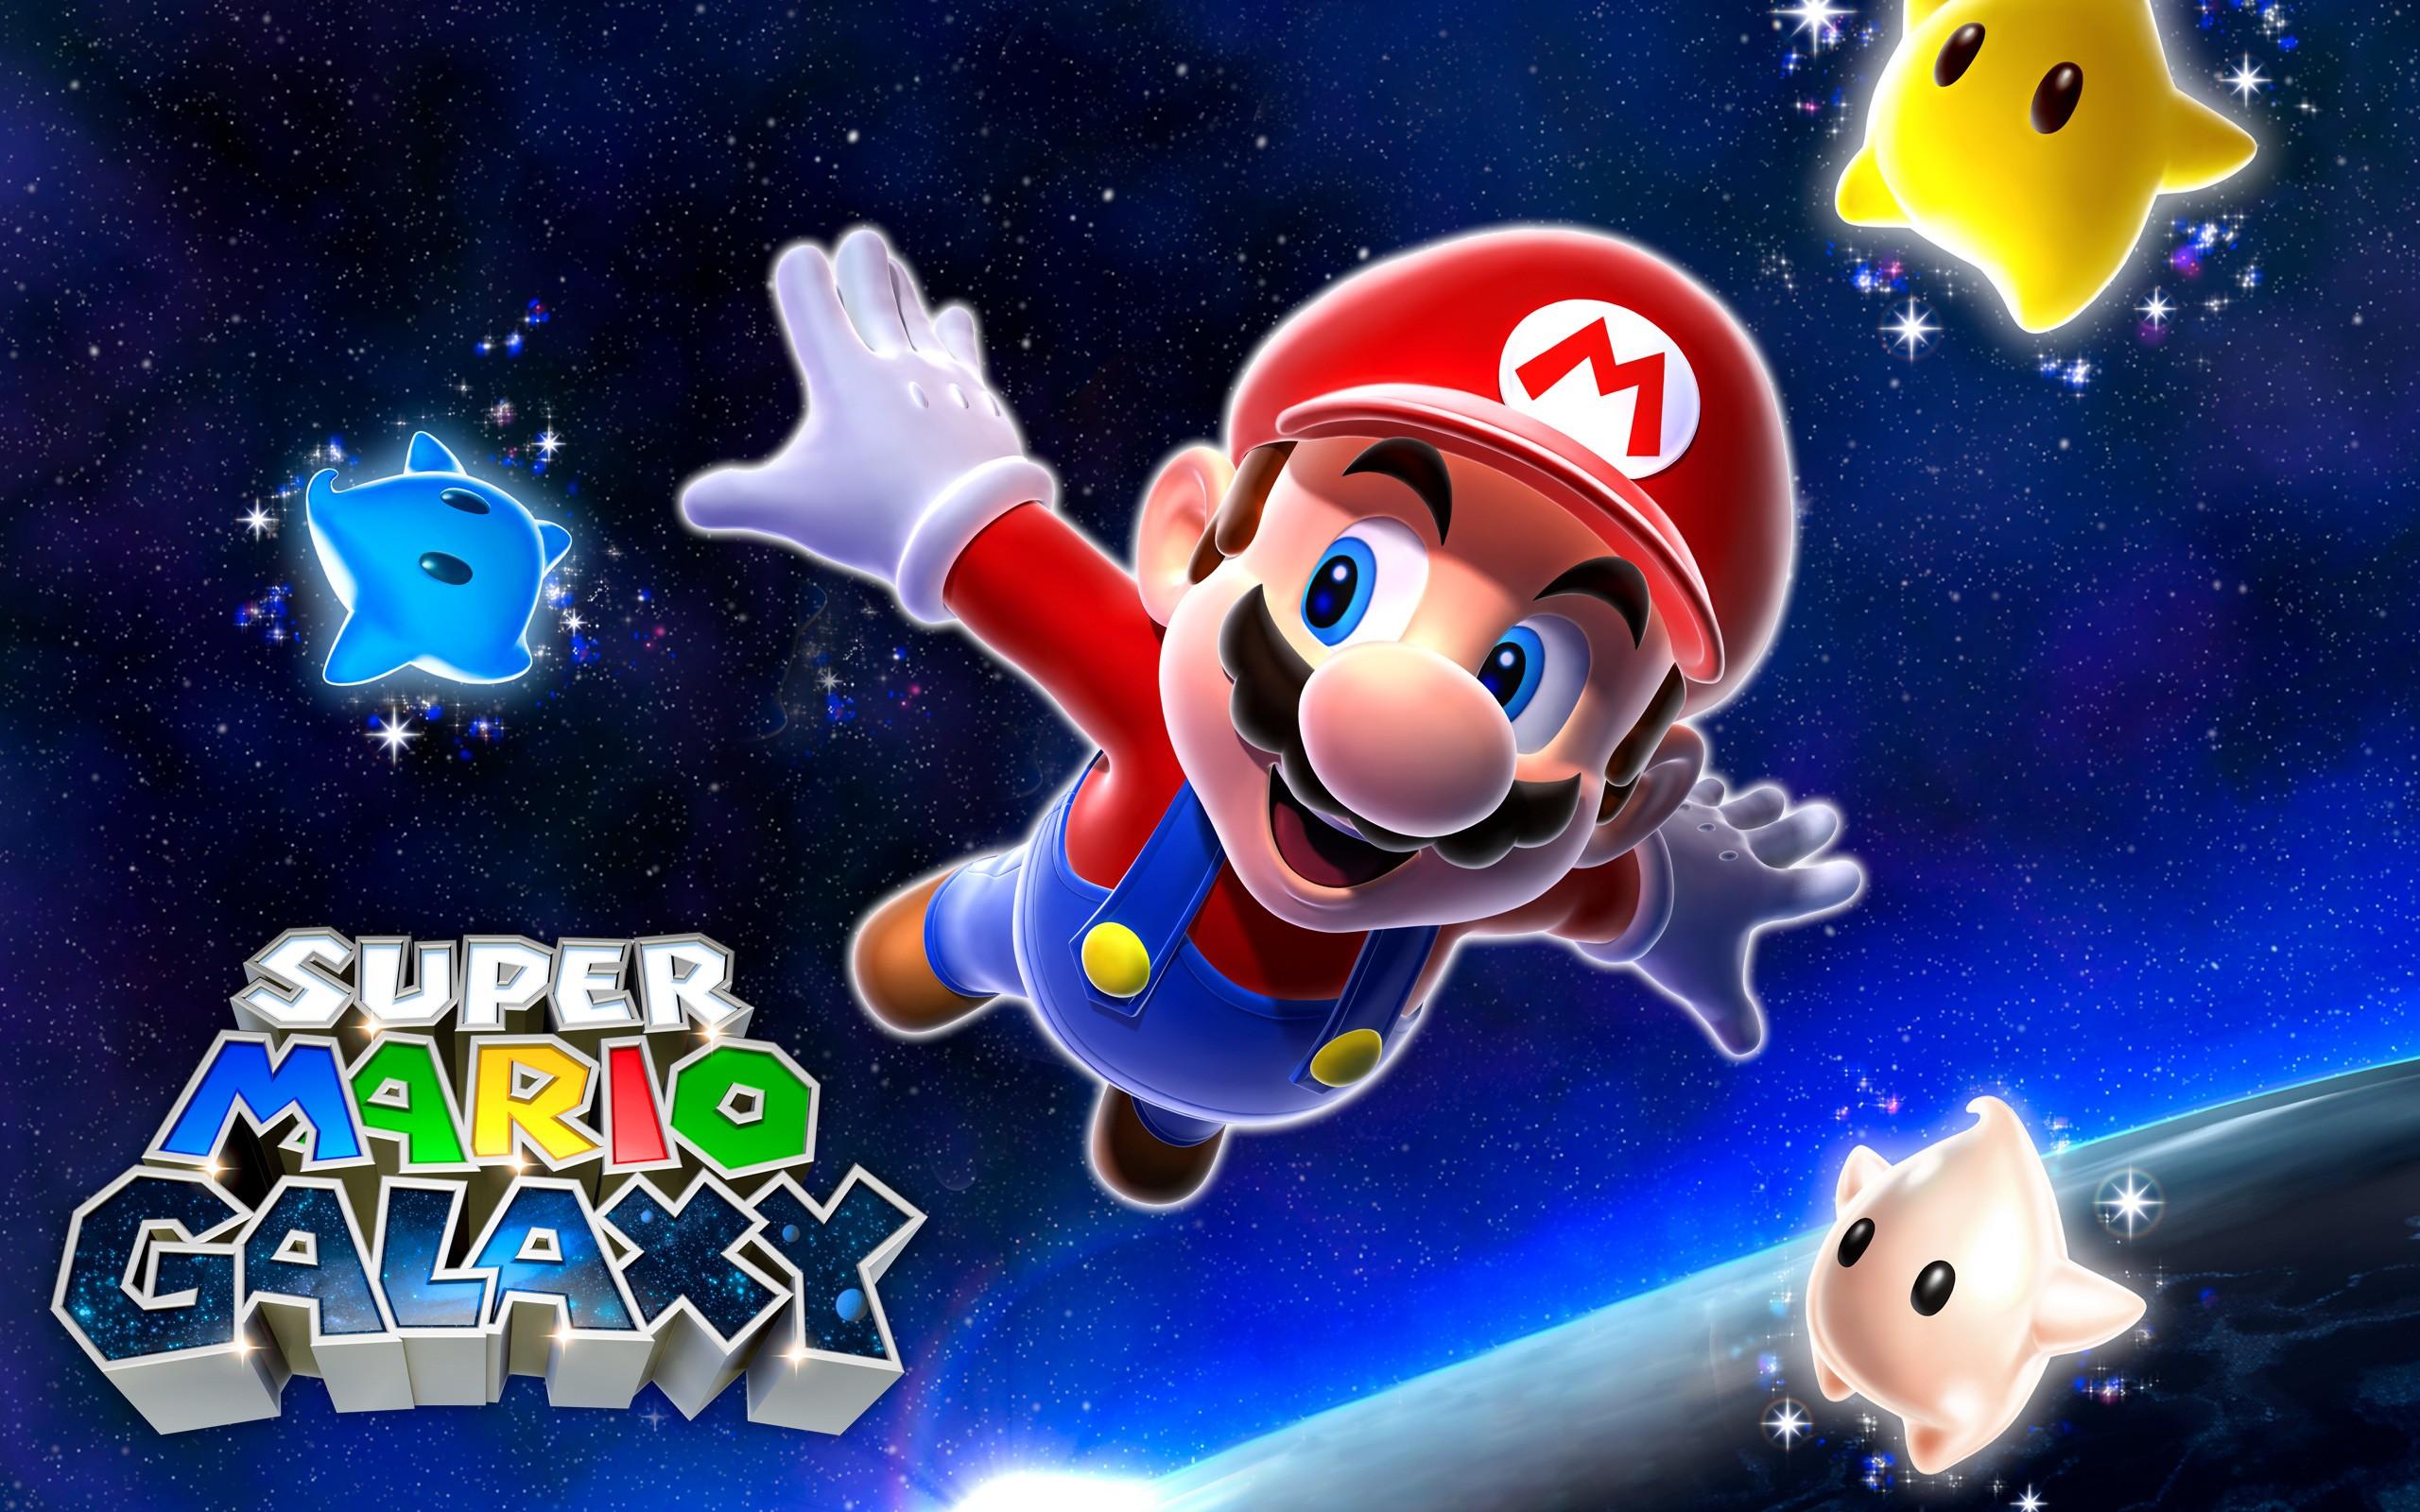 Super Mario Galaxy Fondo De Pantalla Hd Fondo De